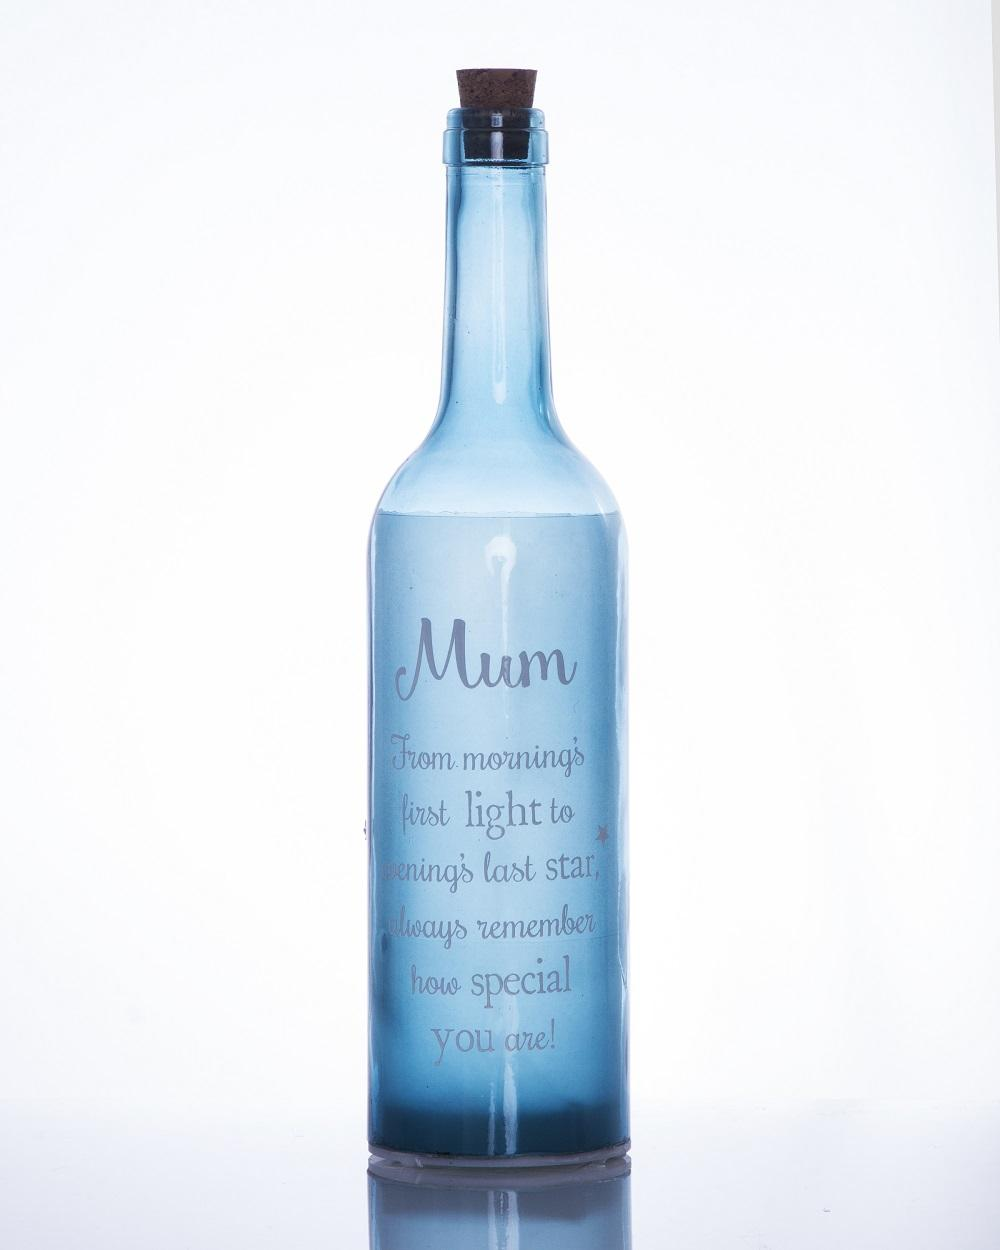 Mum Starlight Bottle Light Up Sentimental Message Bottles